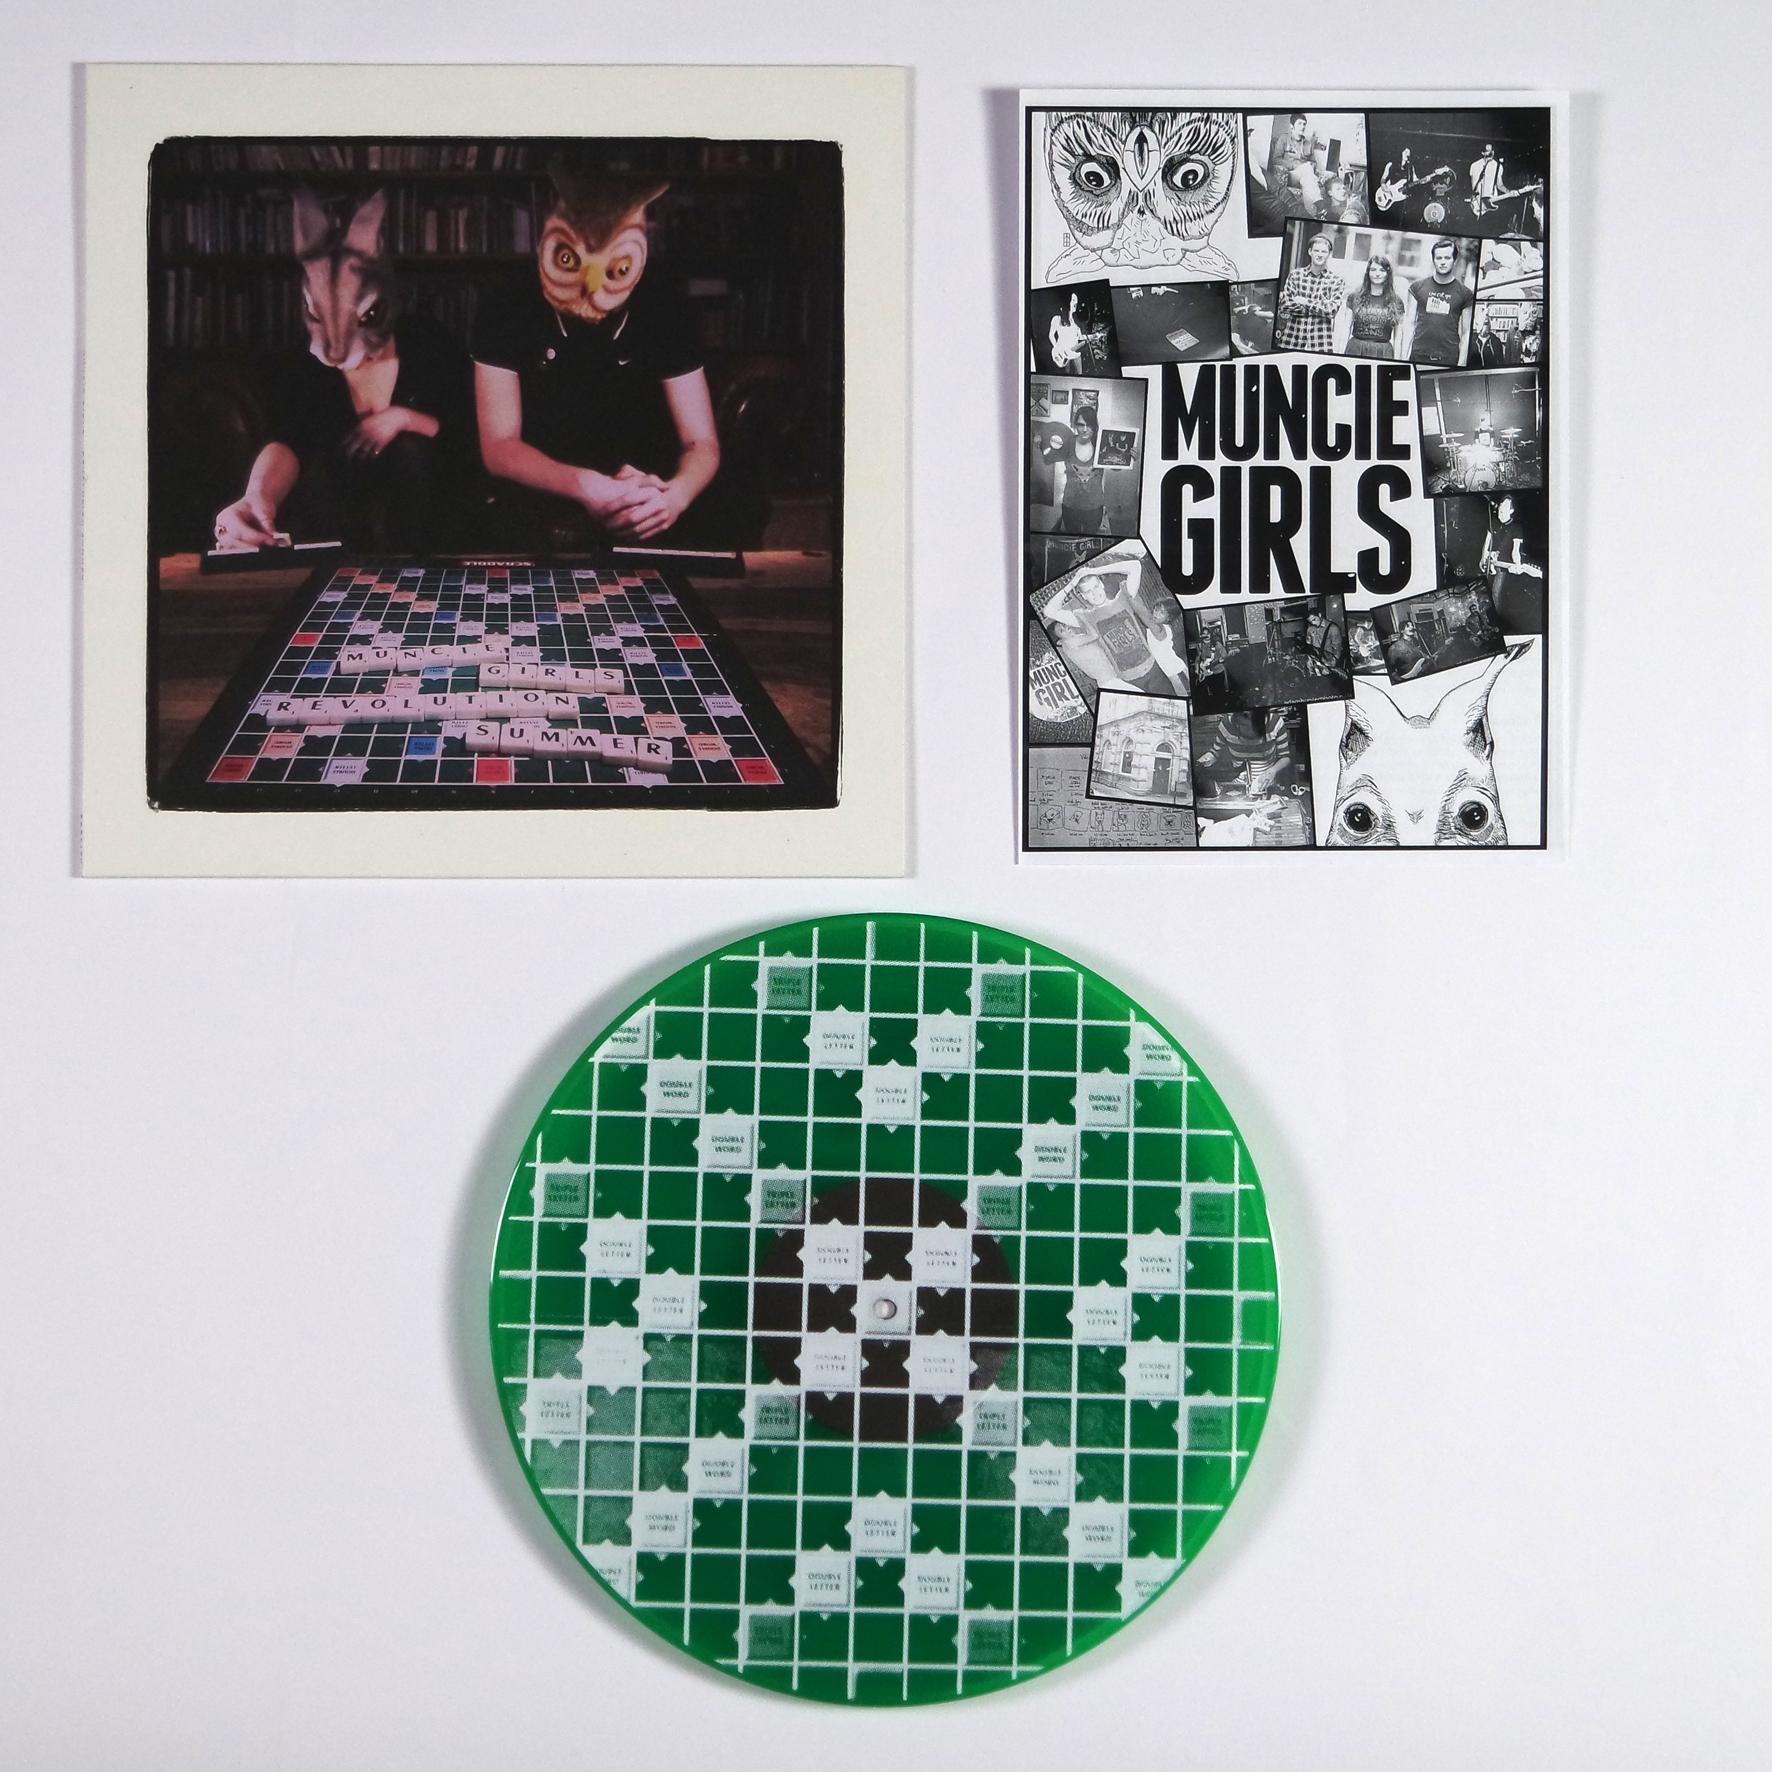 Muncie Girls - Revolution Summer CD